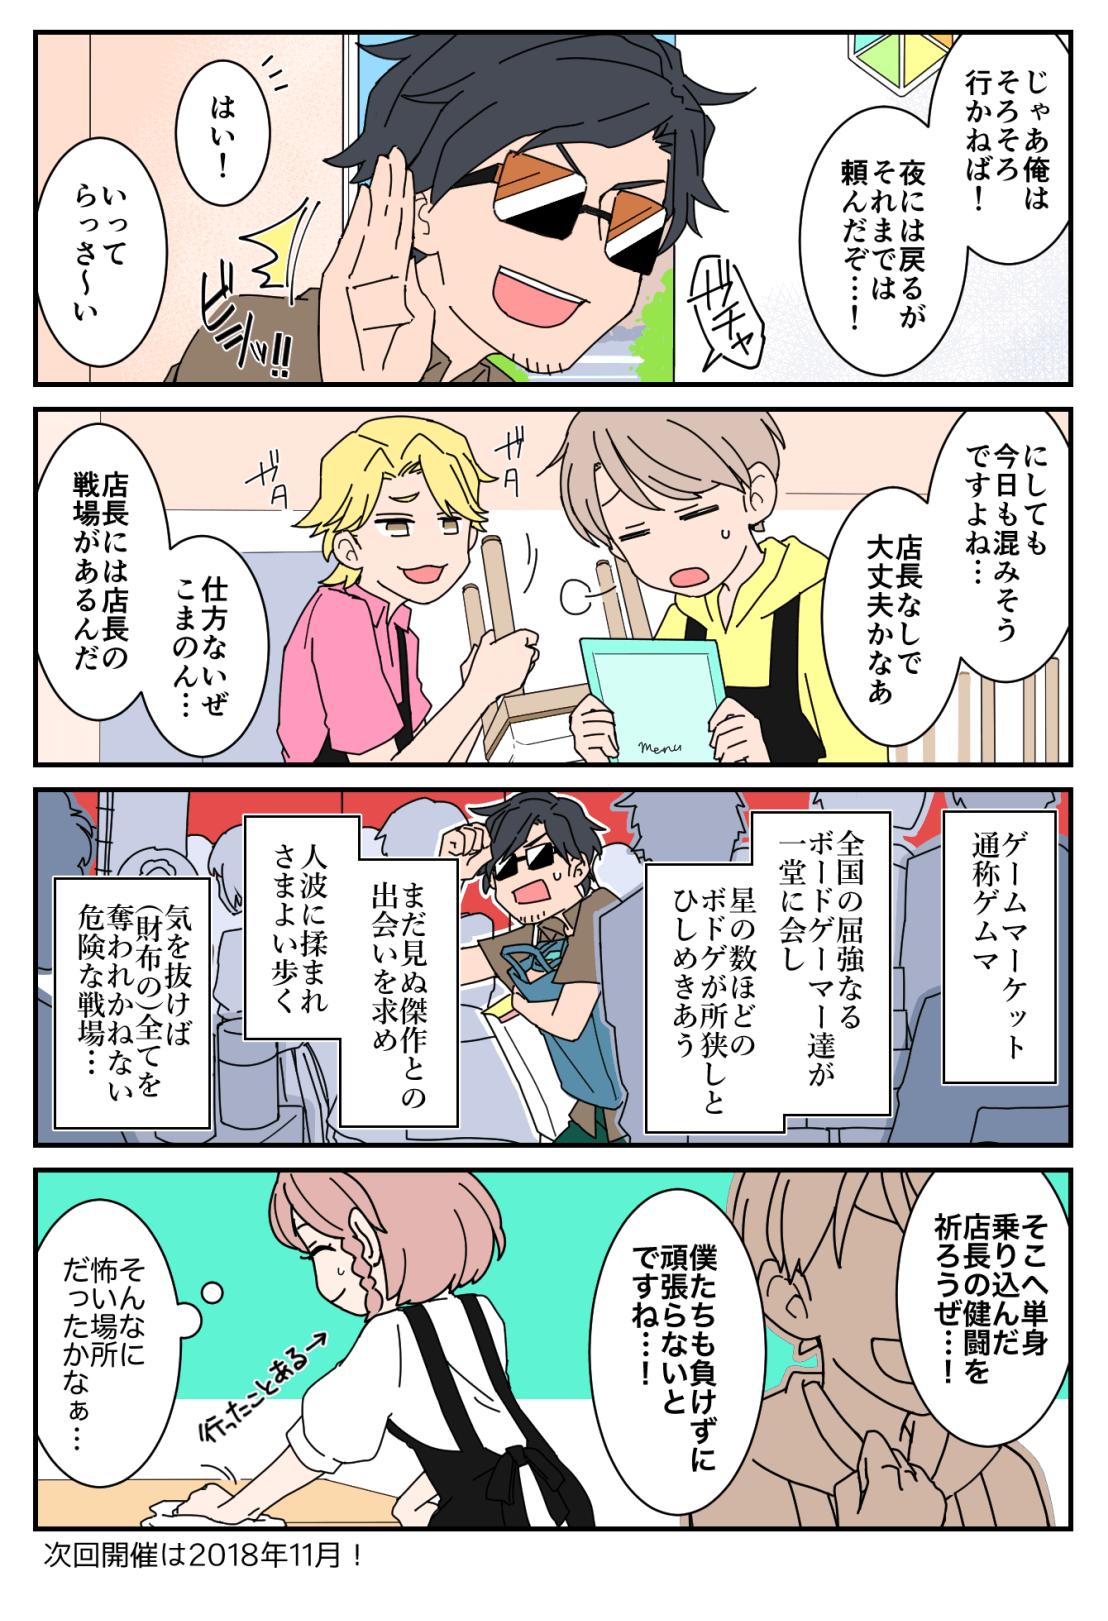 【4コマ漫画】ボしごとびより14